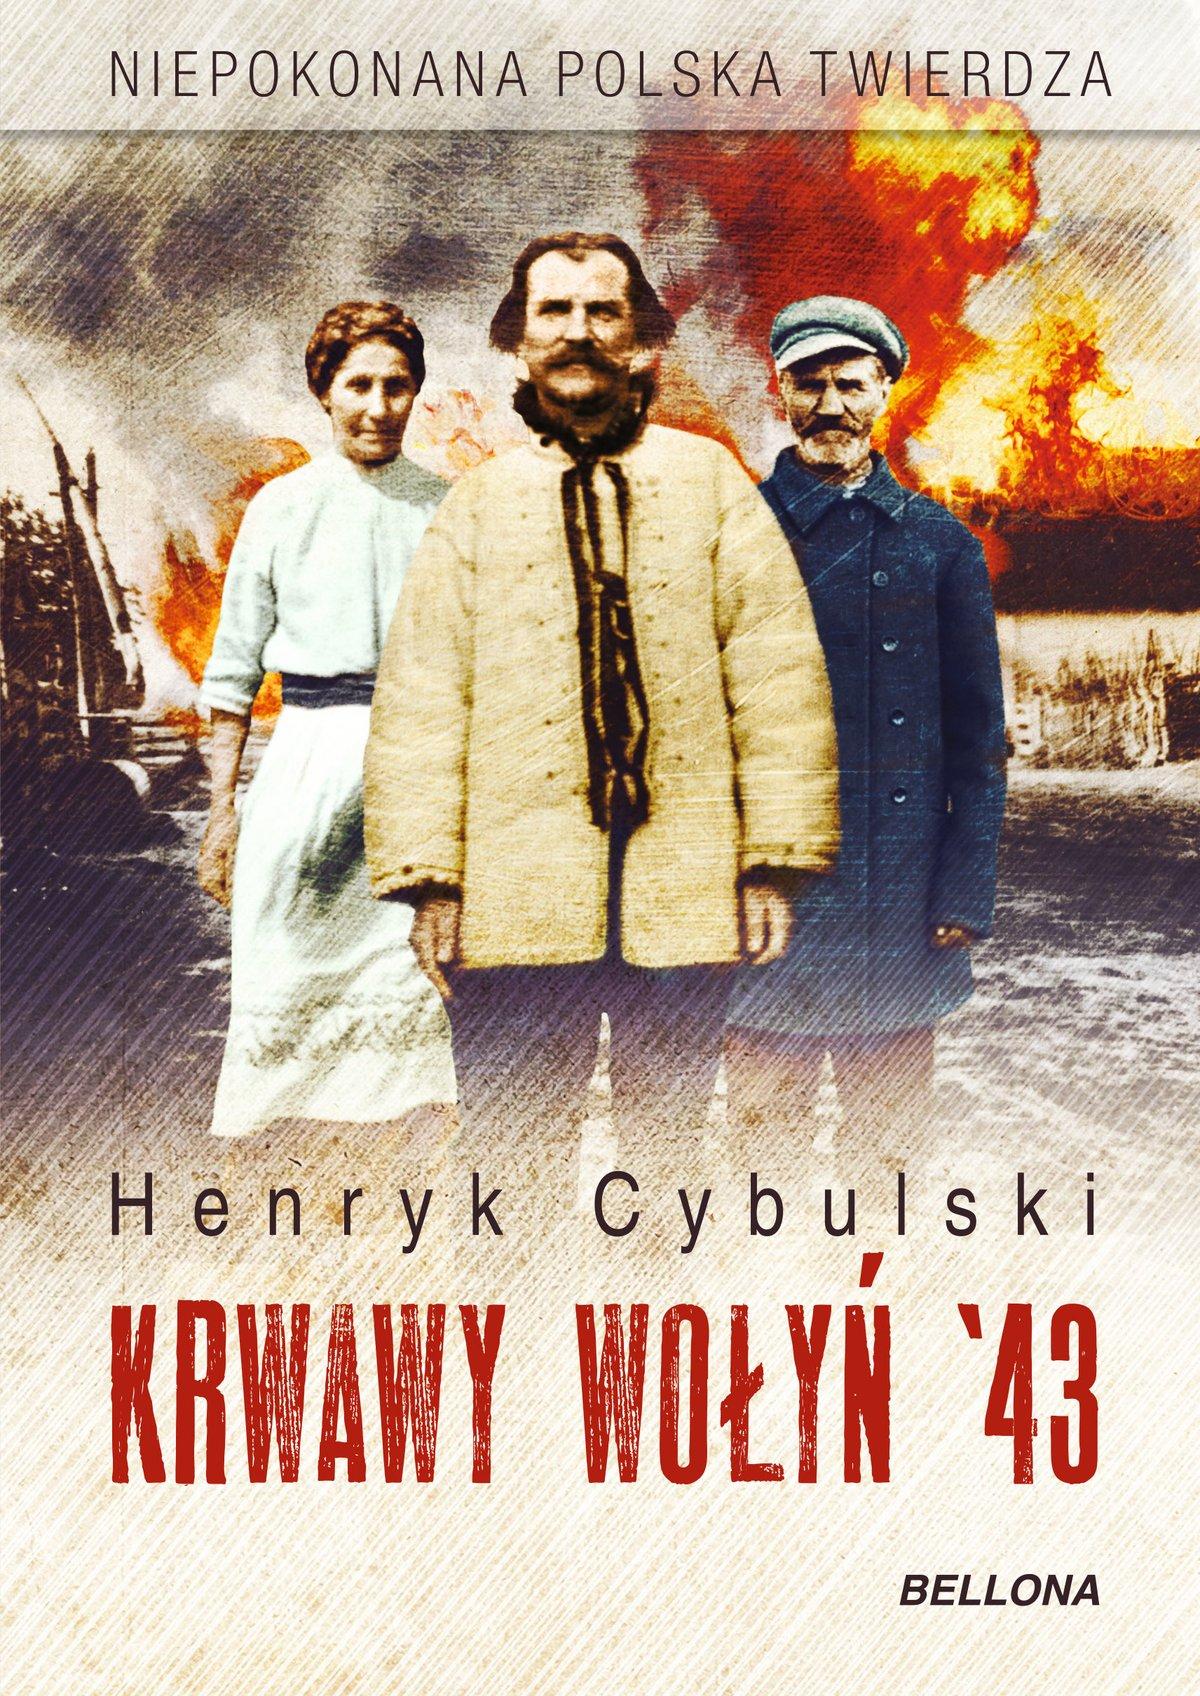 Krwawy Wołyń 43 - Ebook (Książka EPUB) do pobrania w formacie EPUB